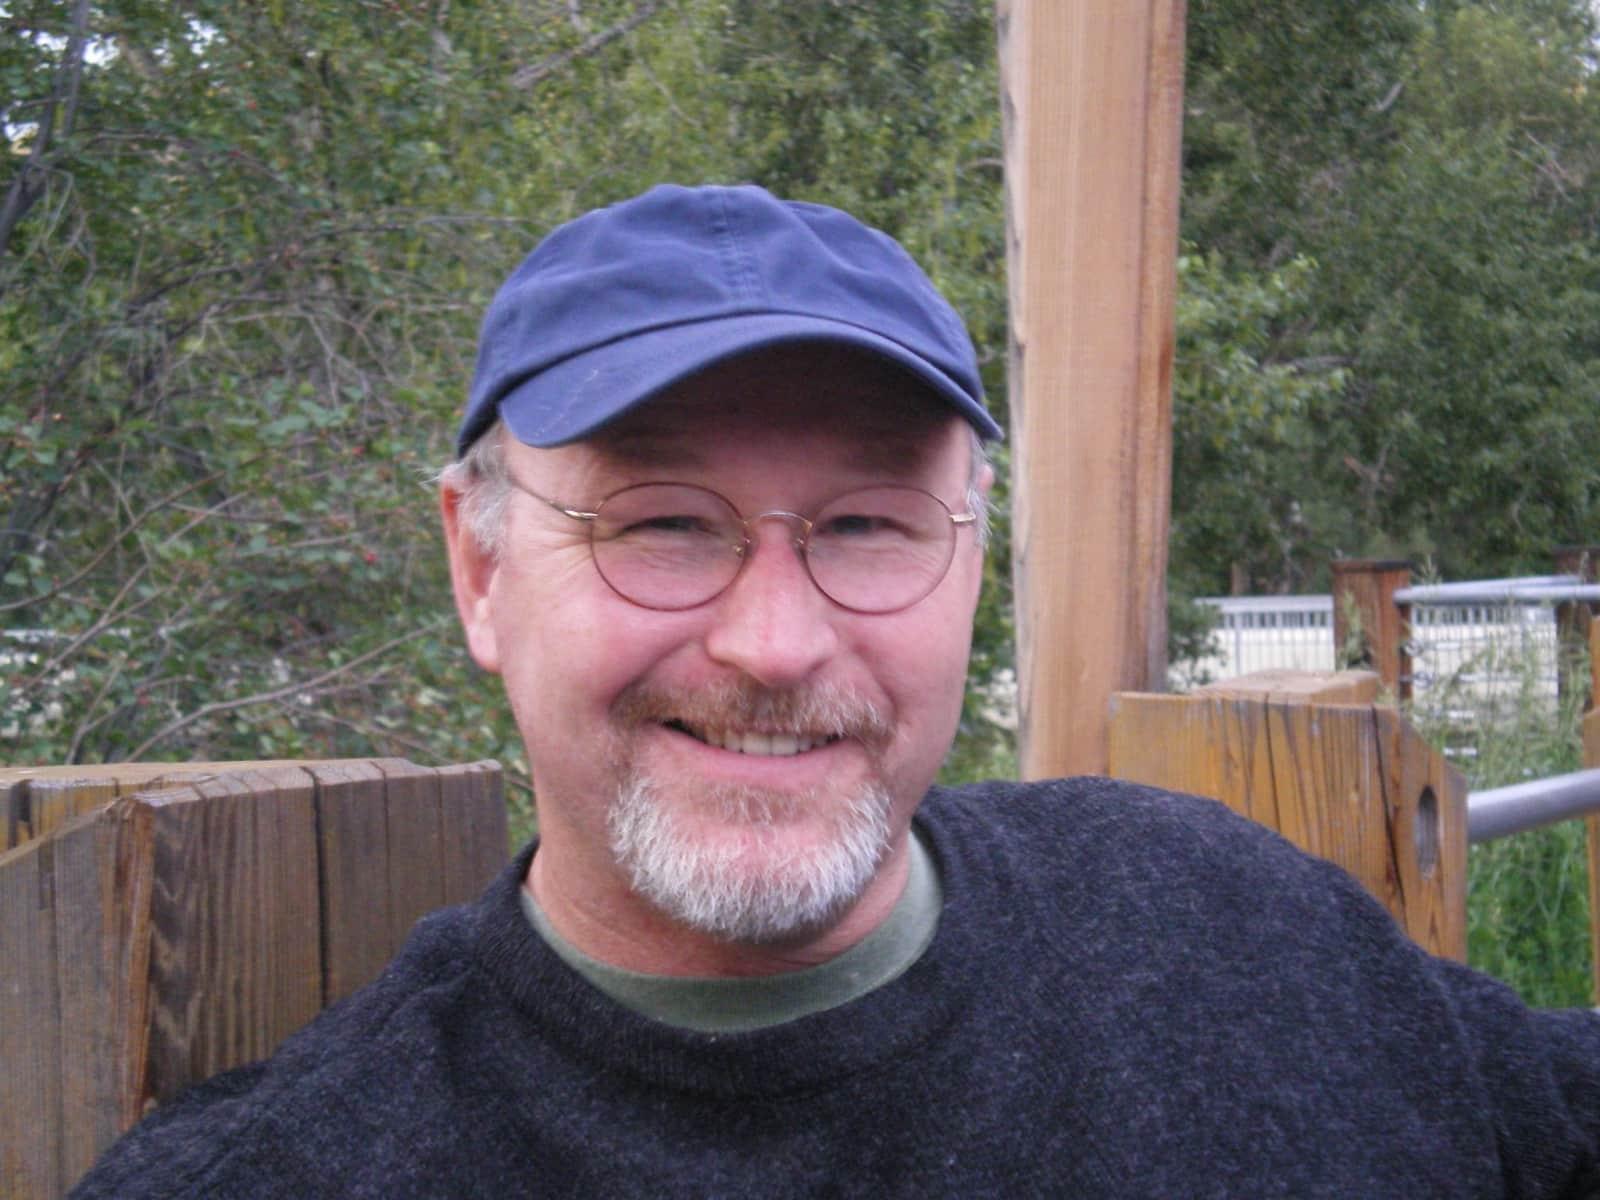 Paul from Seattle, Washington, United States